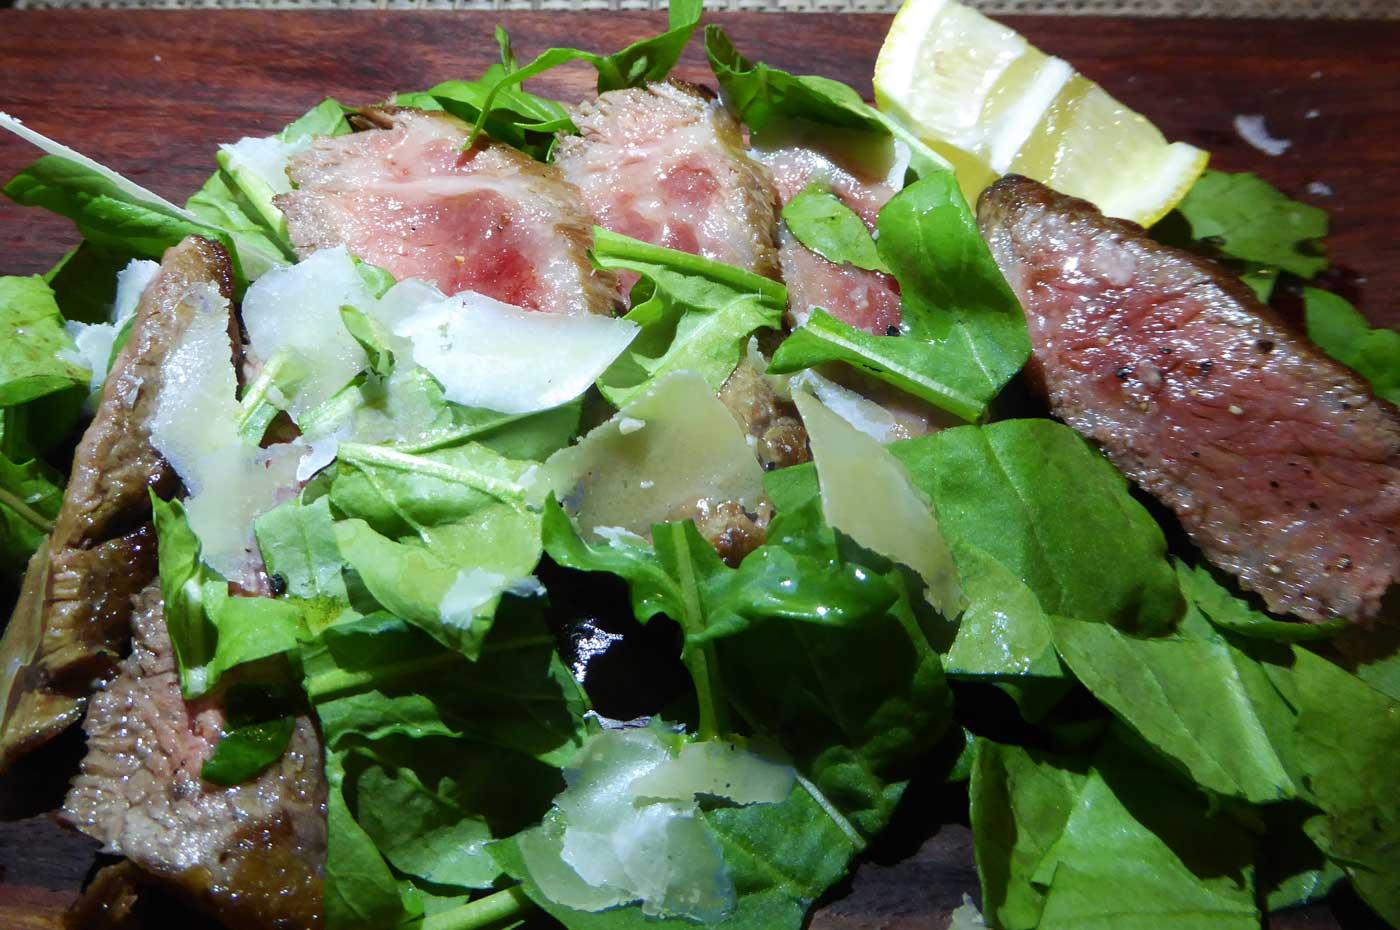 里見伏姫牛のステーキの画像